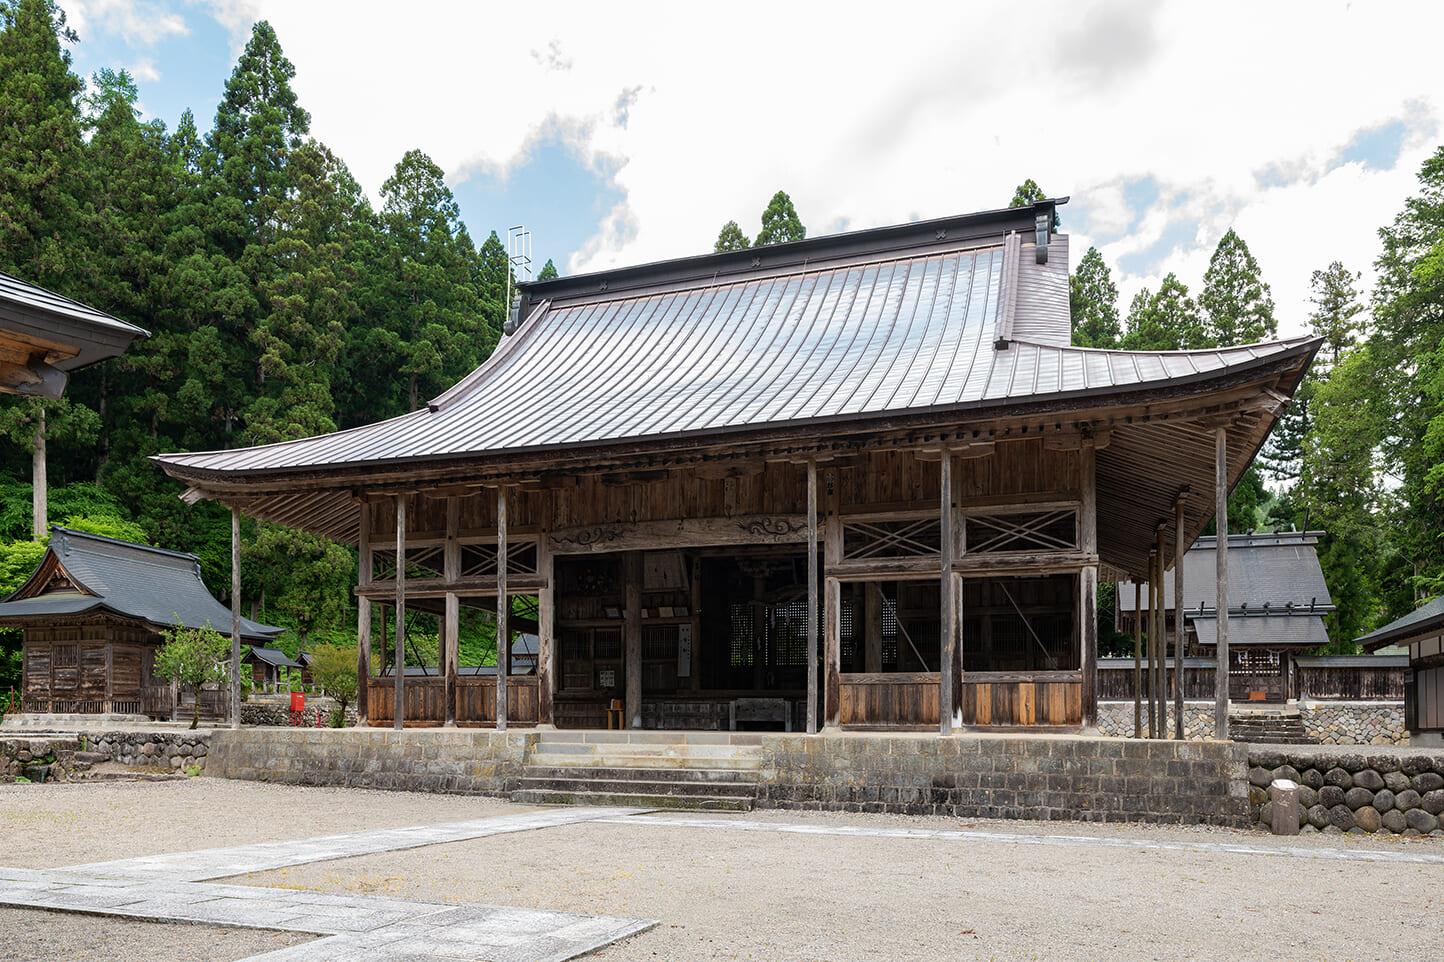 長滝白山神社・白山長瀧寺 スライダー画像1